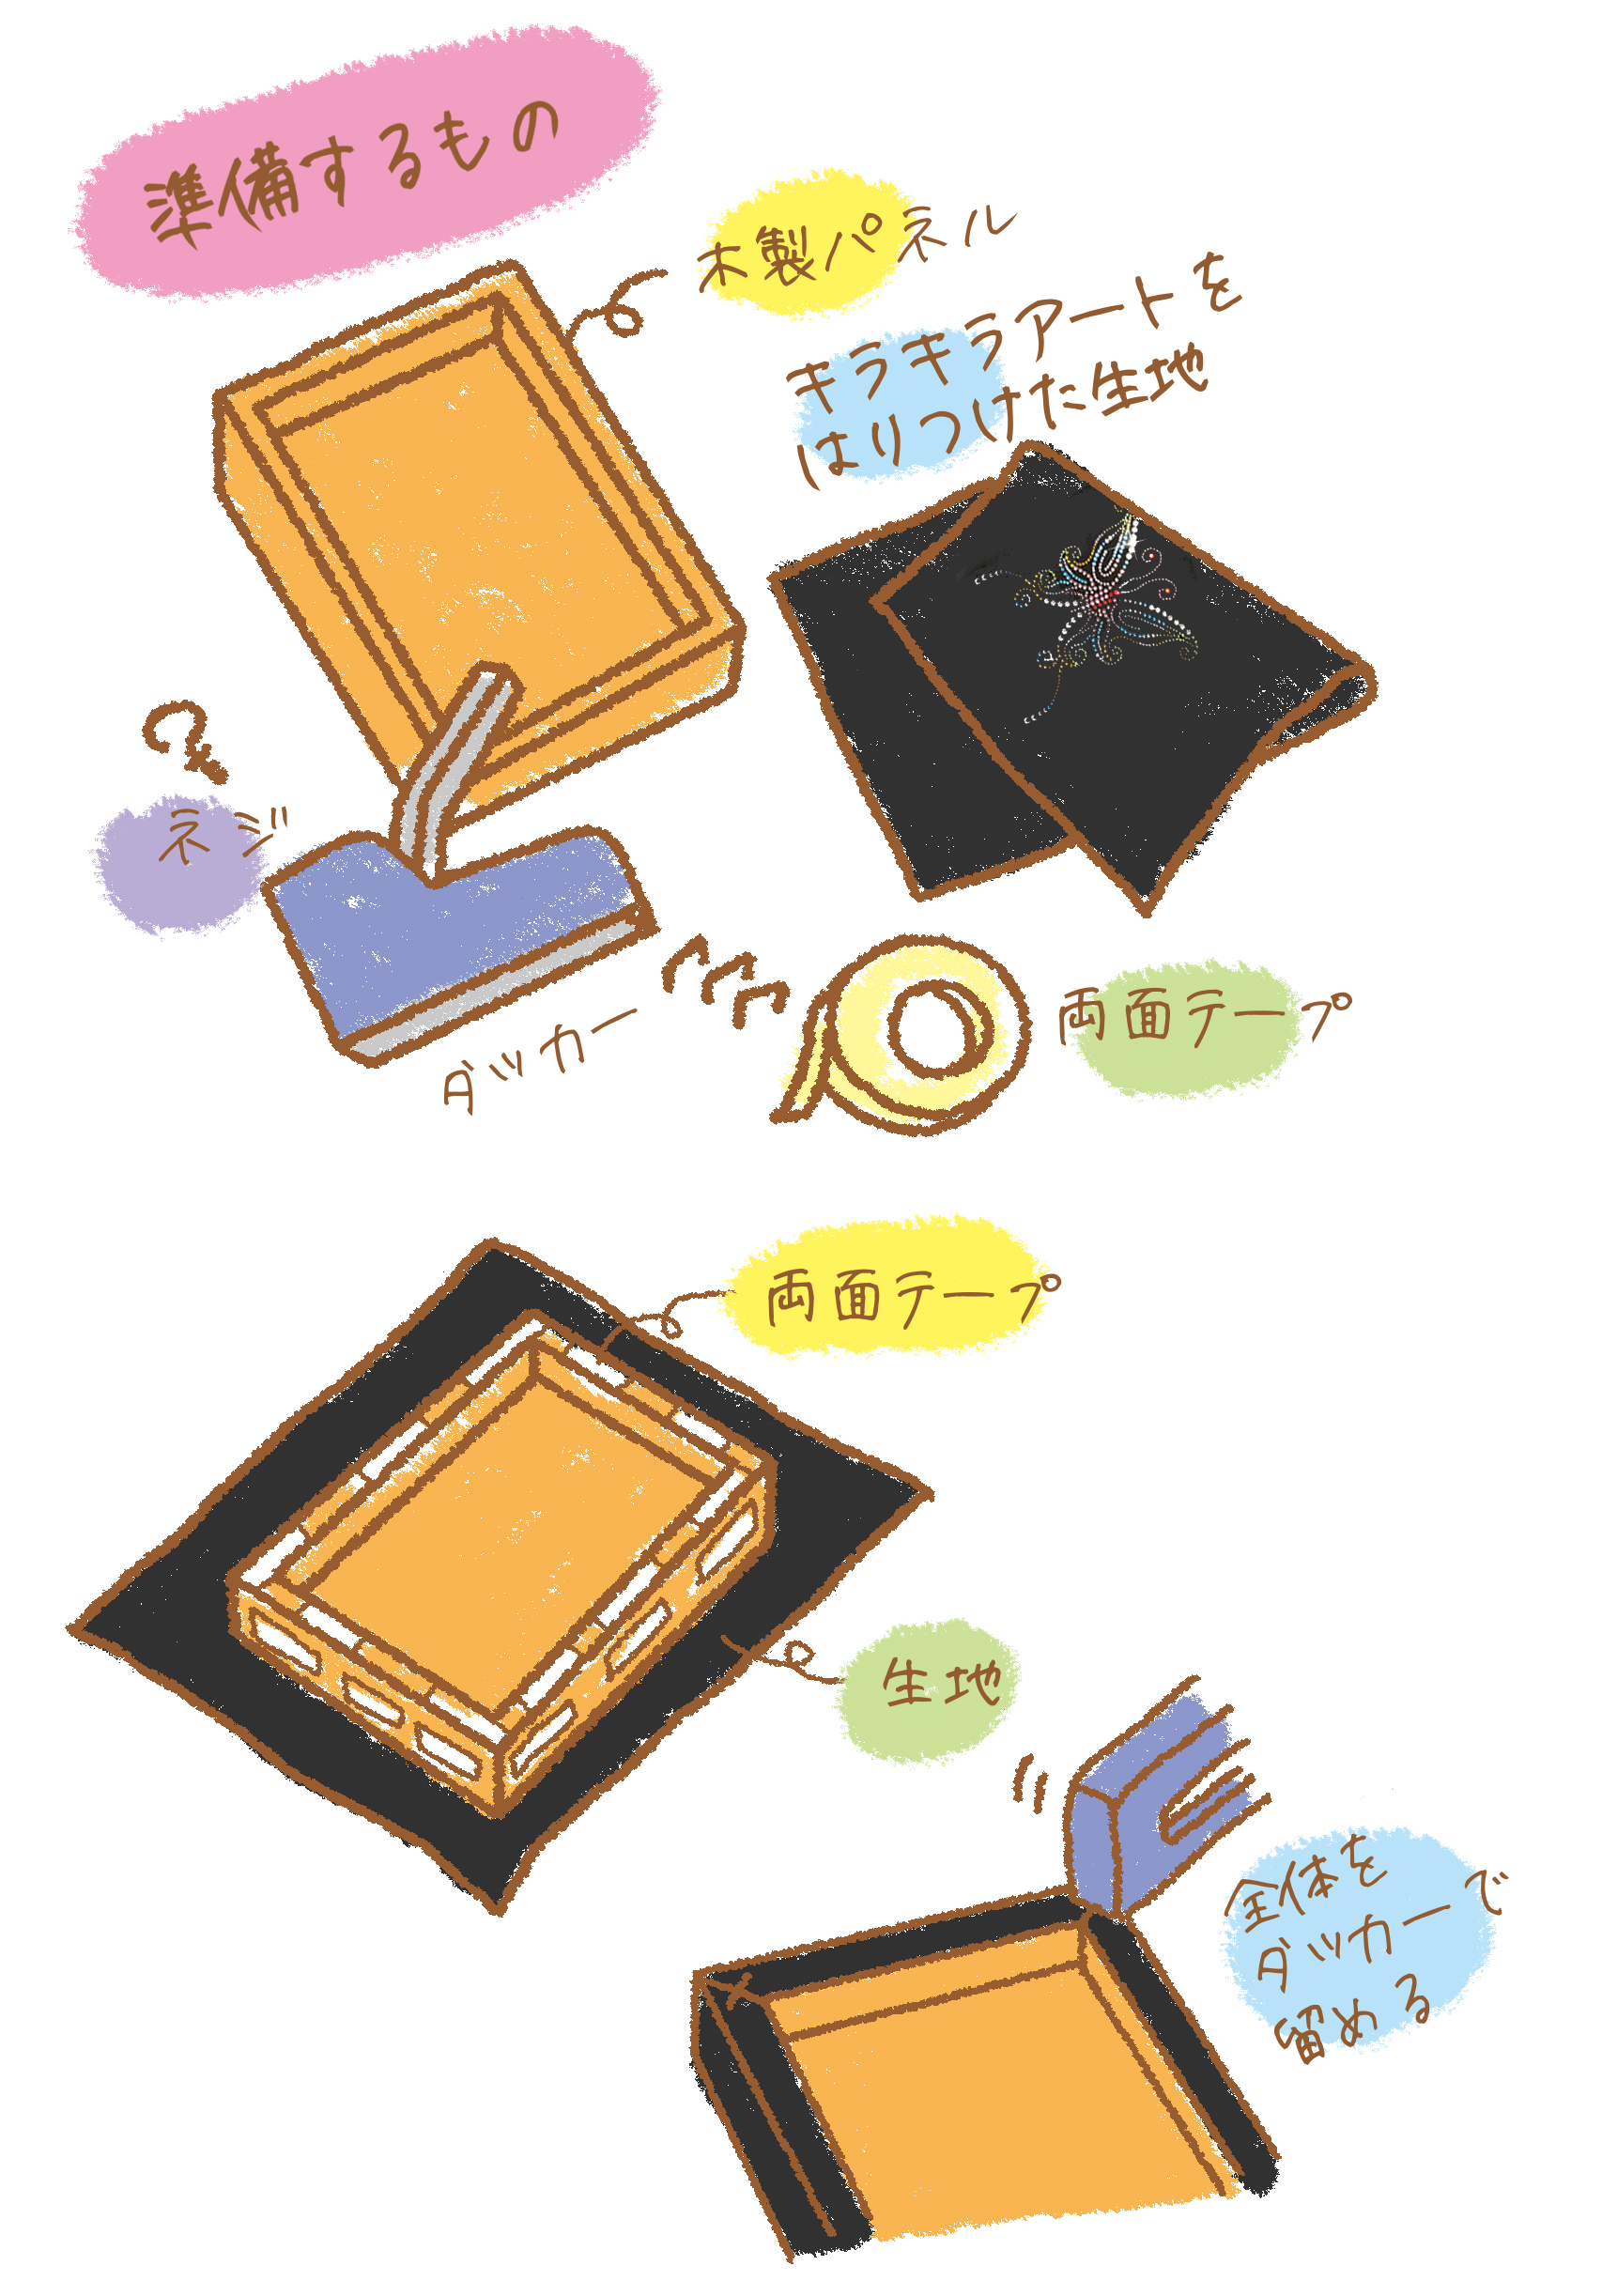 http://www.happy-note.com/shine/225/images/%E8%9D%B6%E3%80%85.jpg